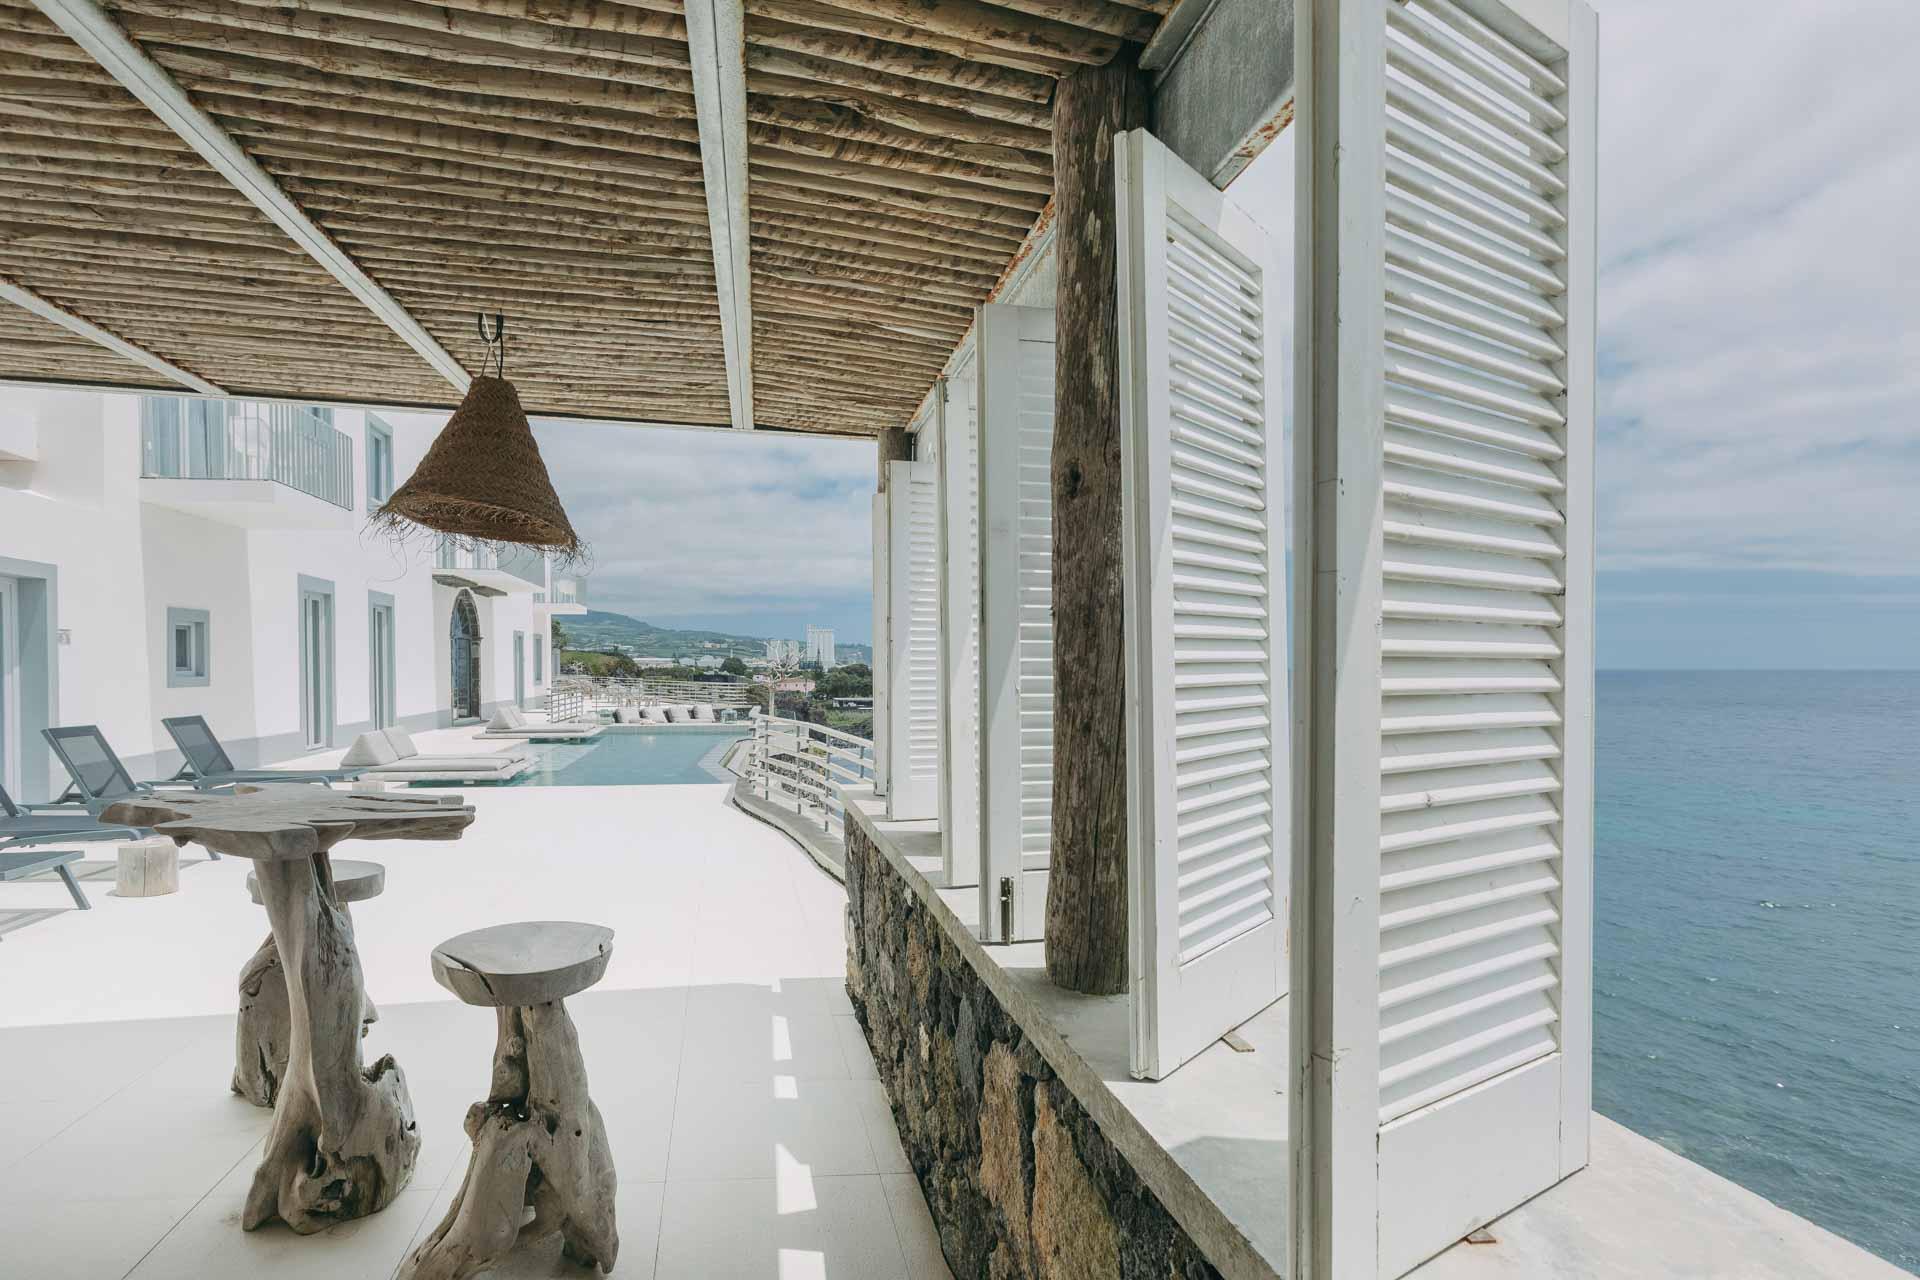 Vue plein océan et piscine à débordement sur la terrasse © Armando Jorge Mota Ribeiro